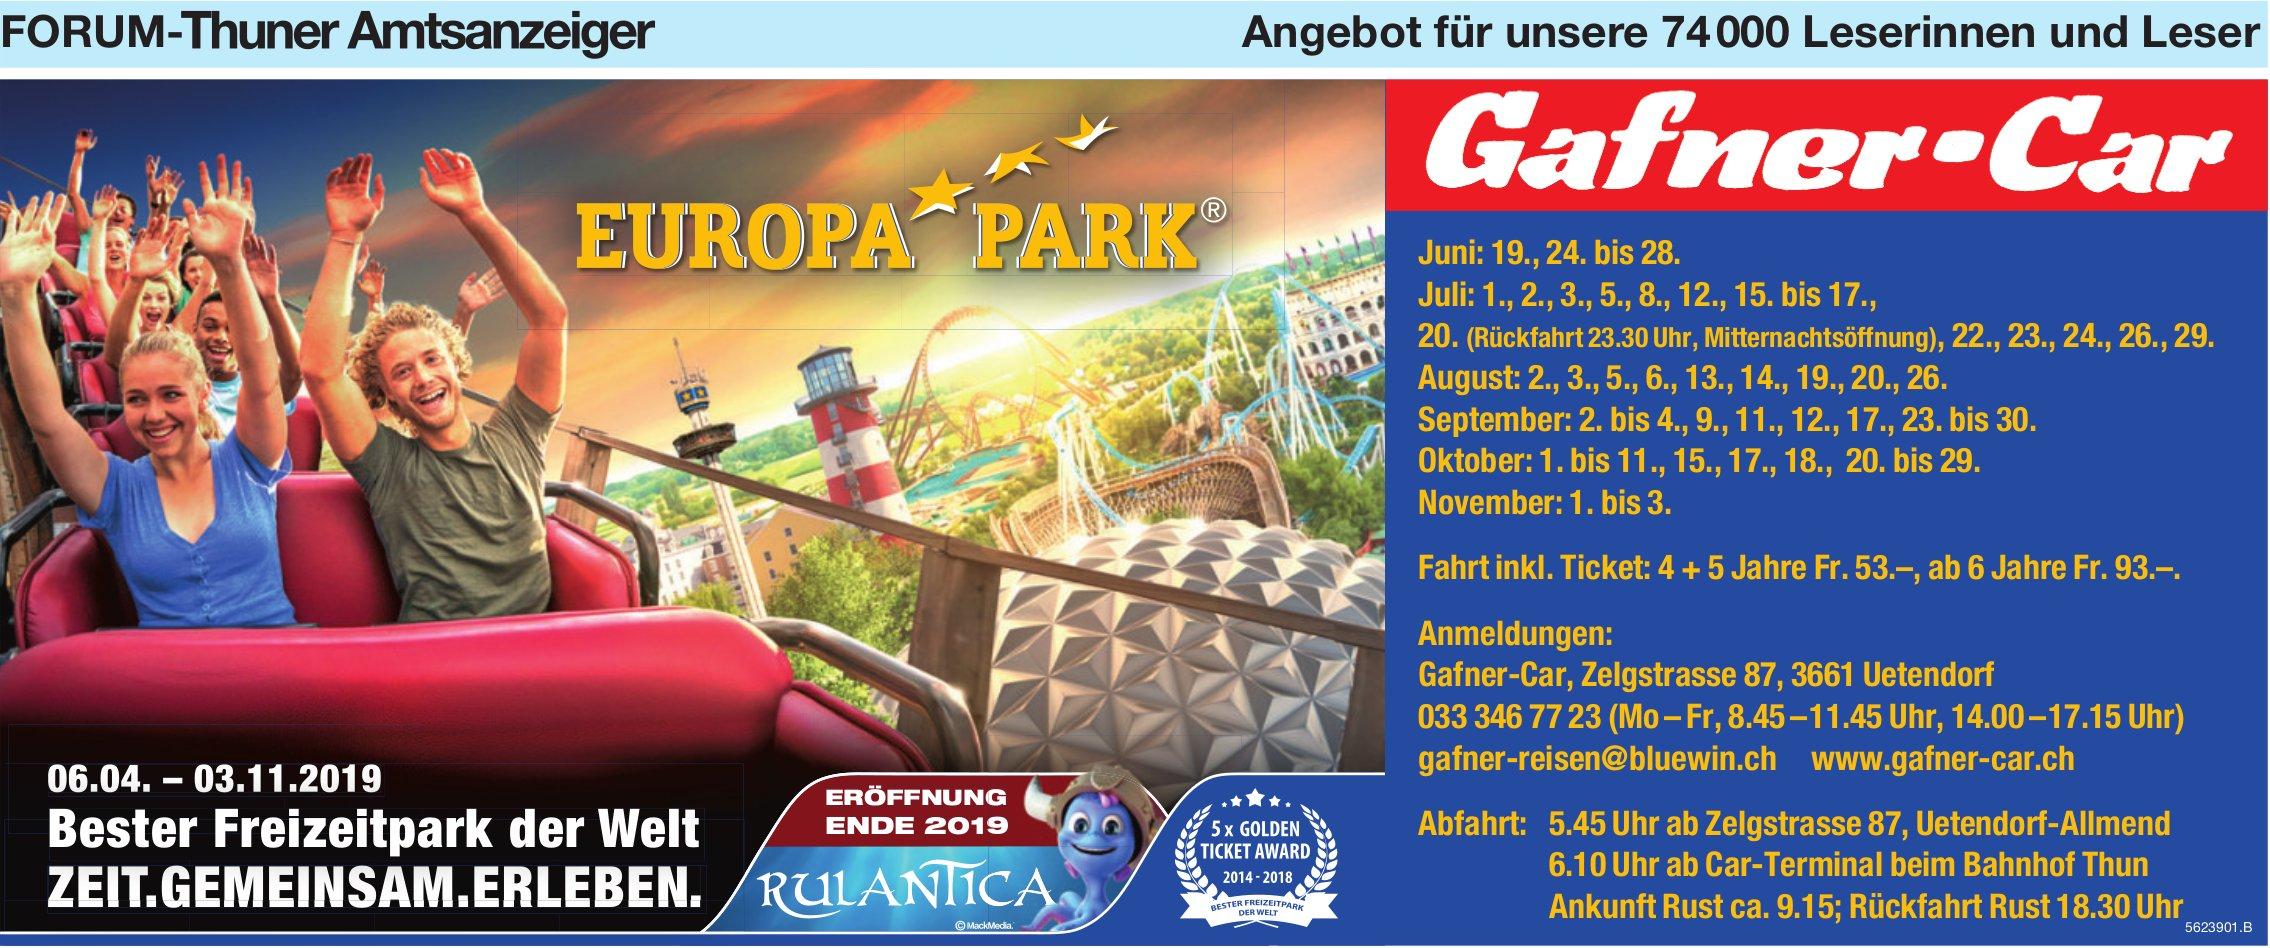 Forum-Thuner Amtsanzeiger - Europa Park mit Gafner-Car